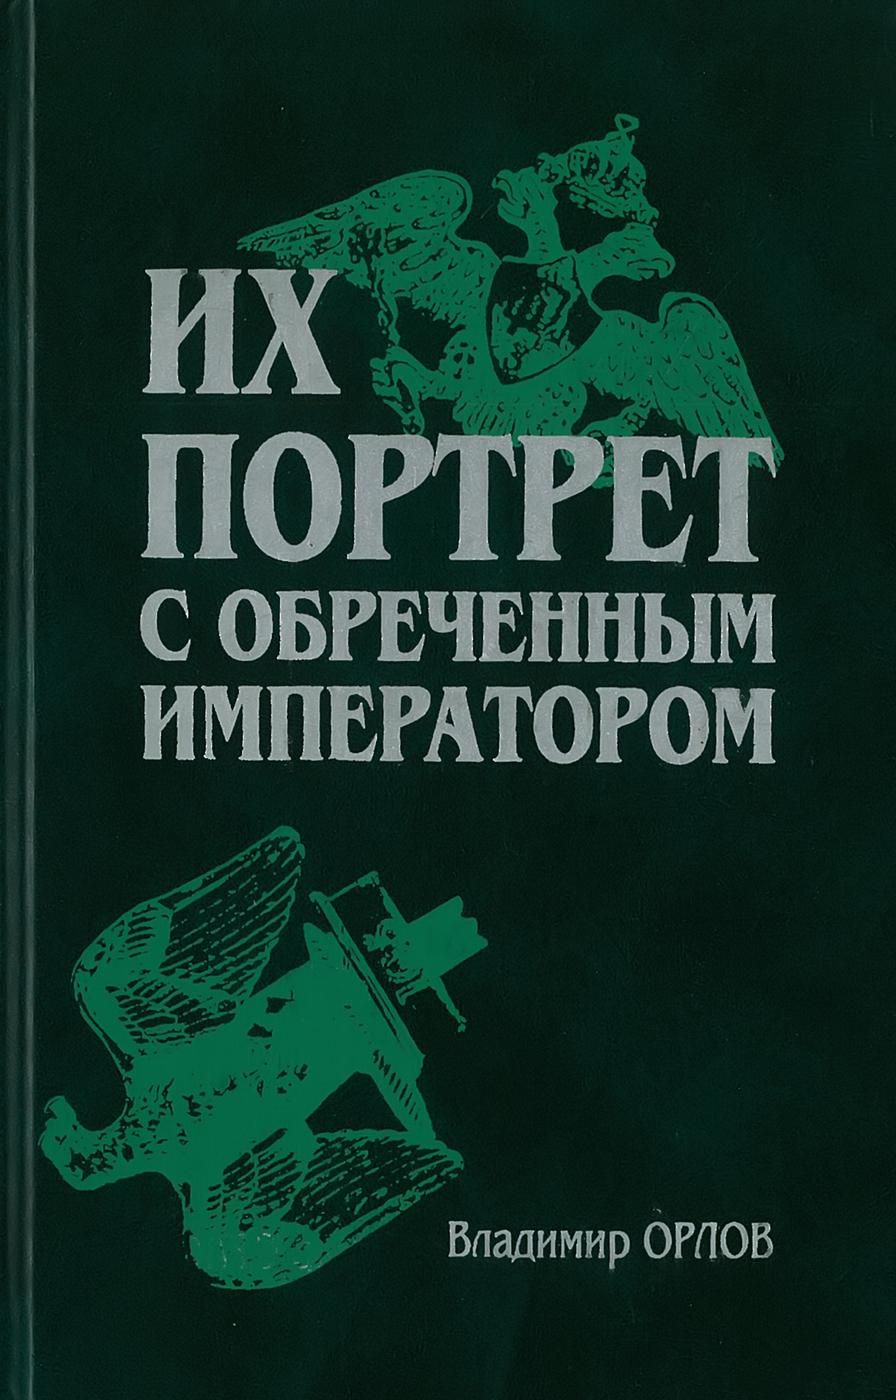 Орлов В.А.. Их портрет с обреченным императором